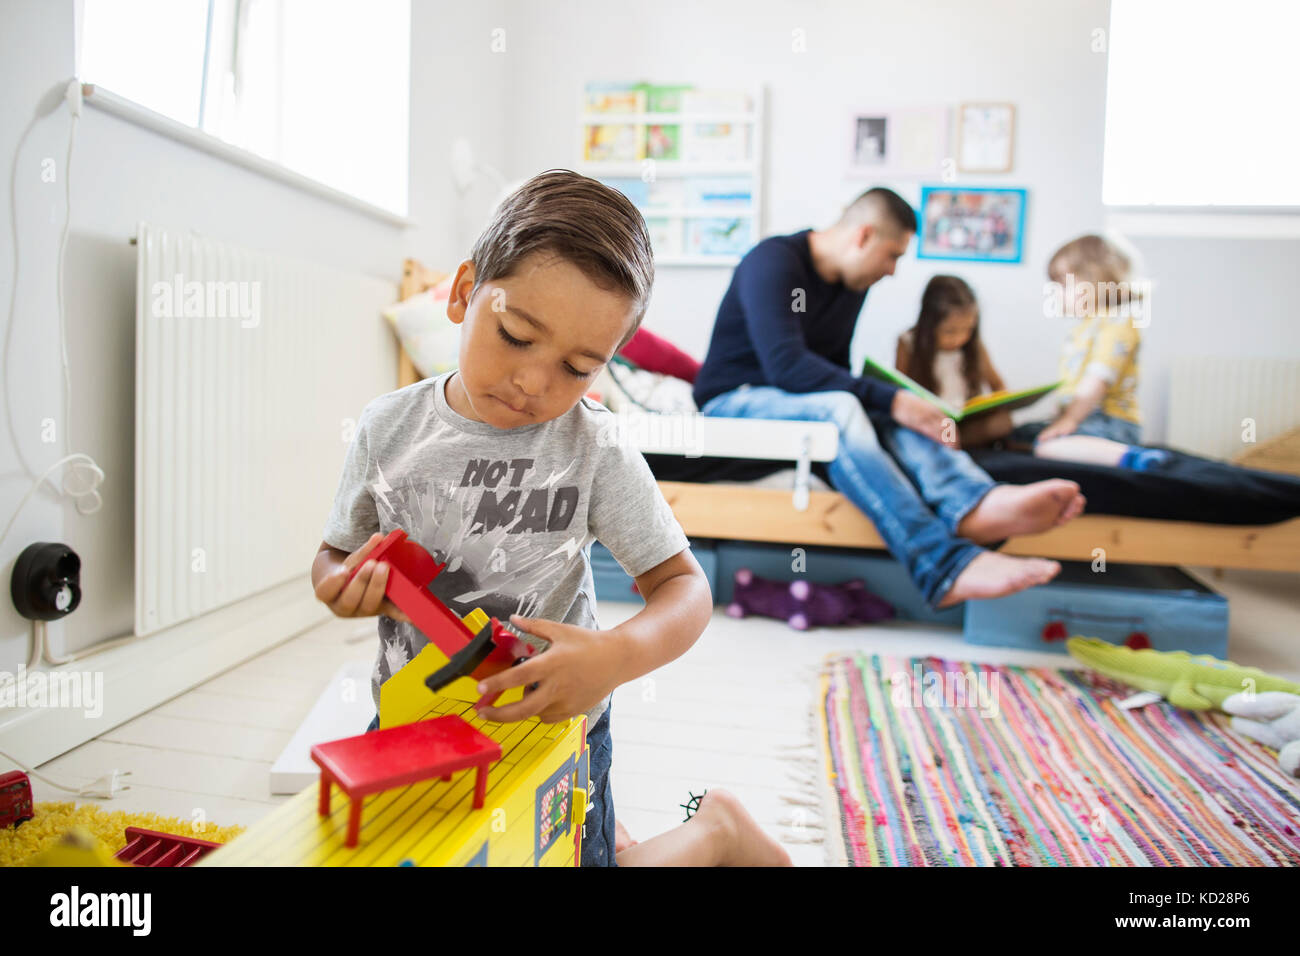 Vater und Kinder (2-3, 6-7) spielen im Zimmer Stockfoto